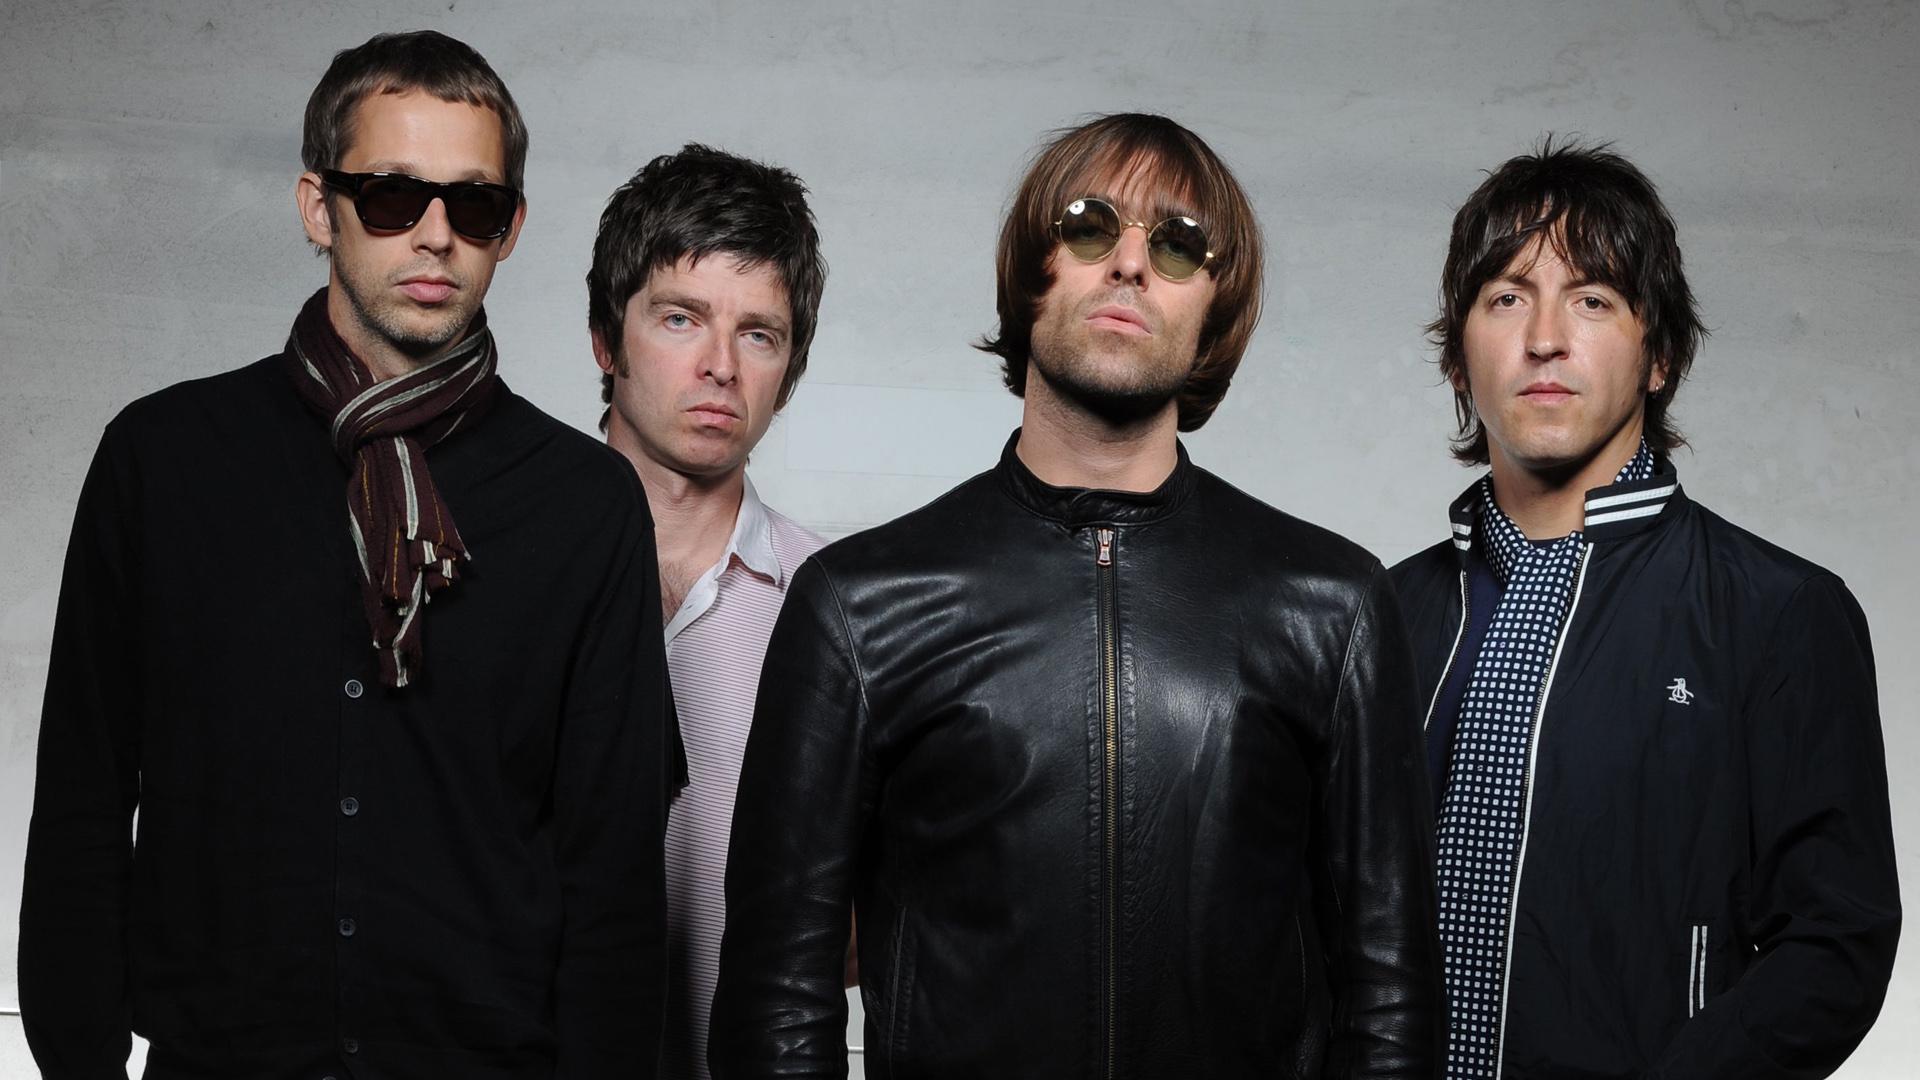 A banda Oasis era formada pelos irmãos Liam e Noel Gallagher.